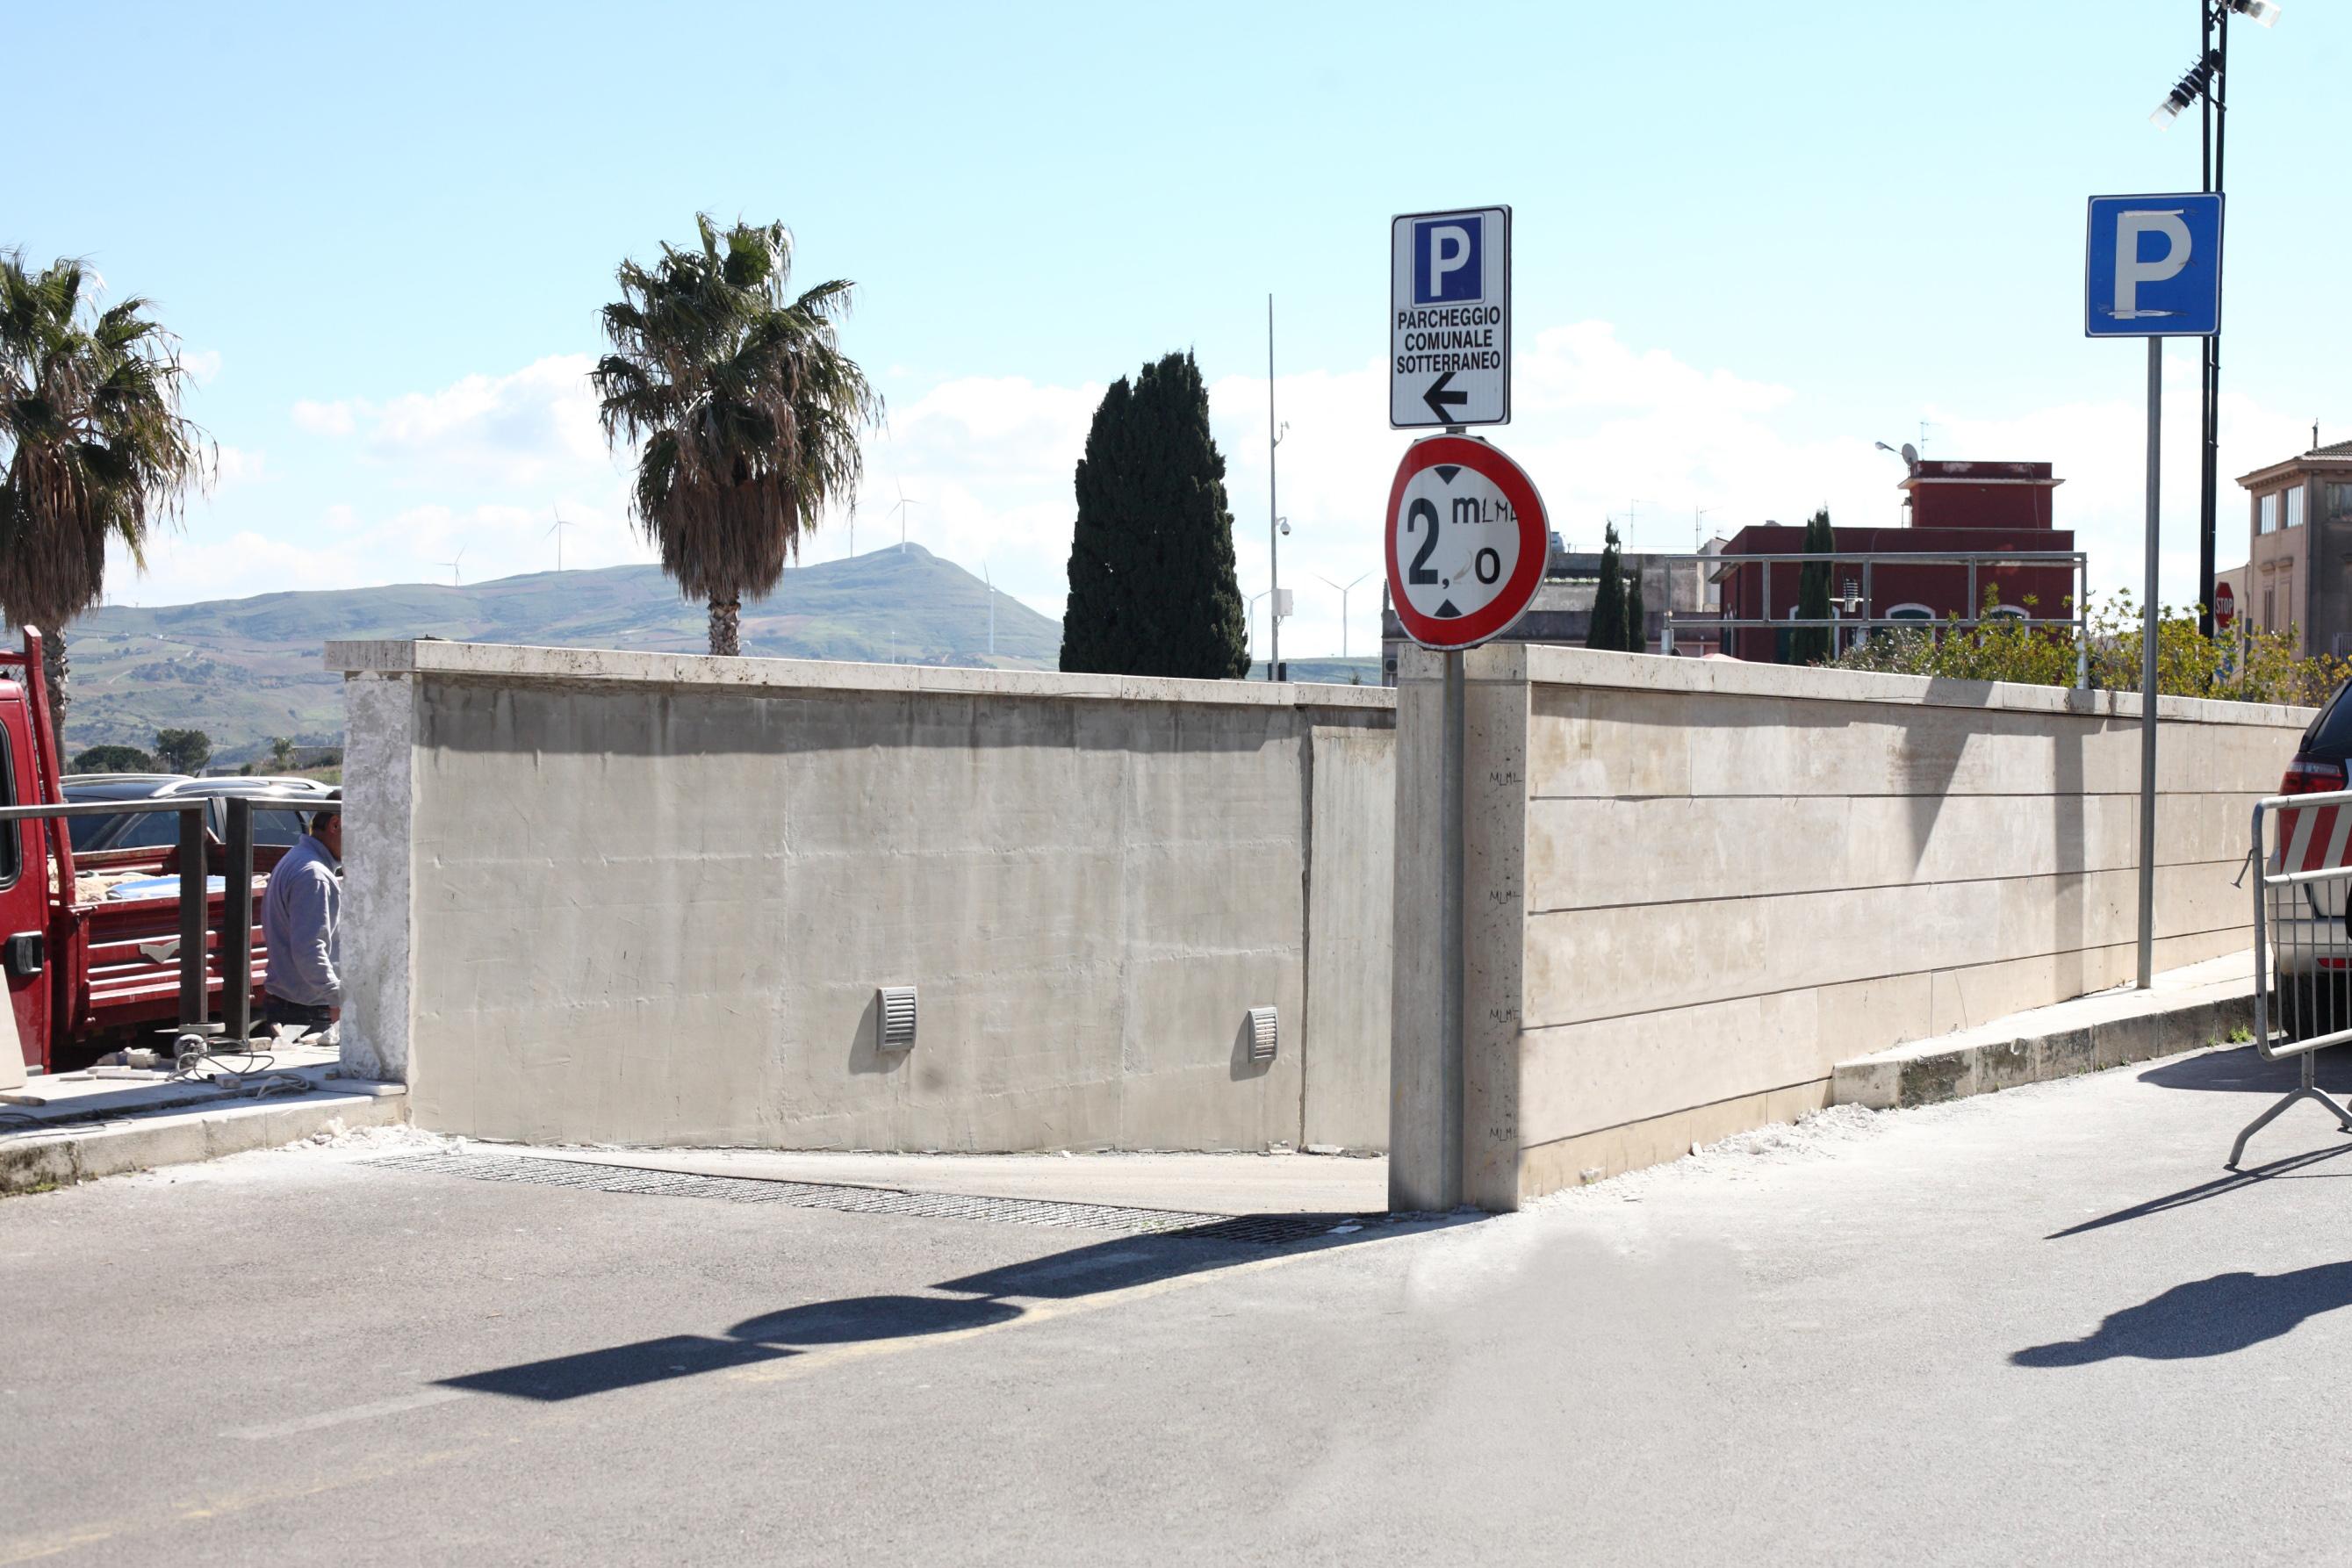 Alcamo, momentanea chiusura del parcheggio sotterraneo di piazza Bagolino. CentrAli per la Sicilia all'attacco